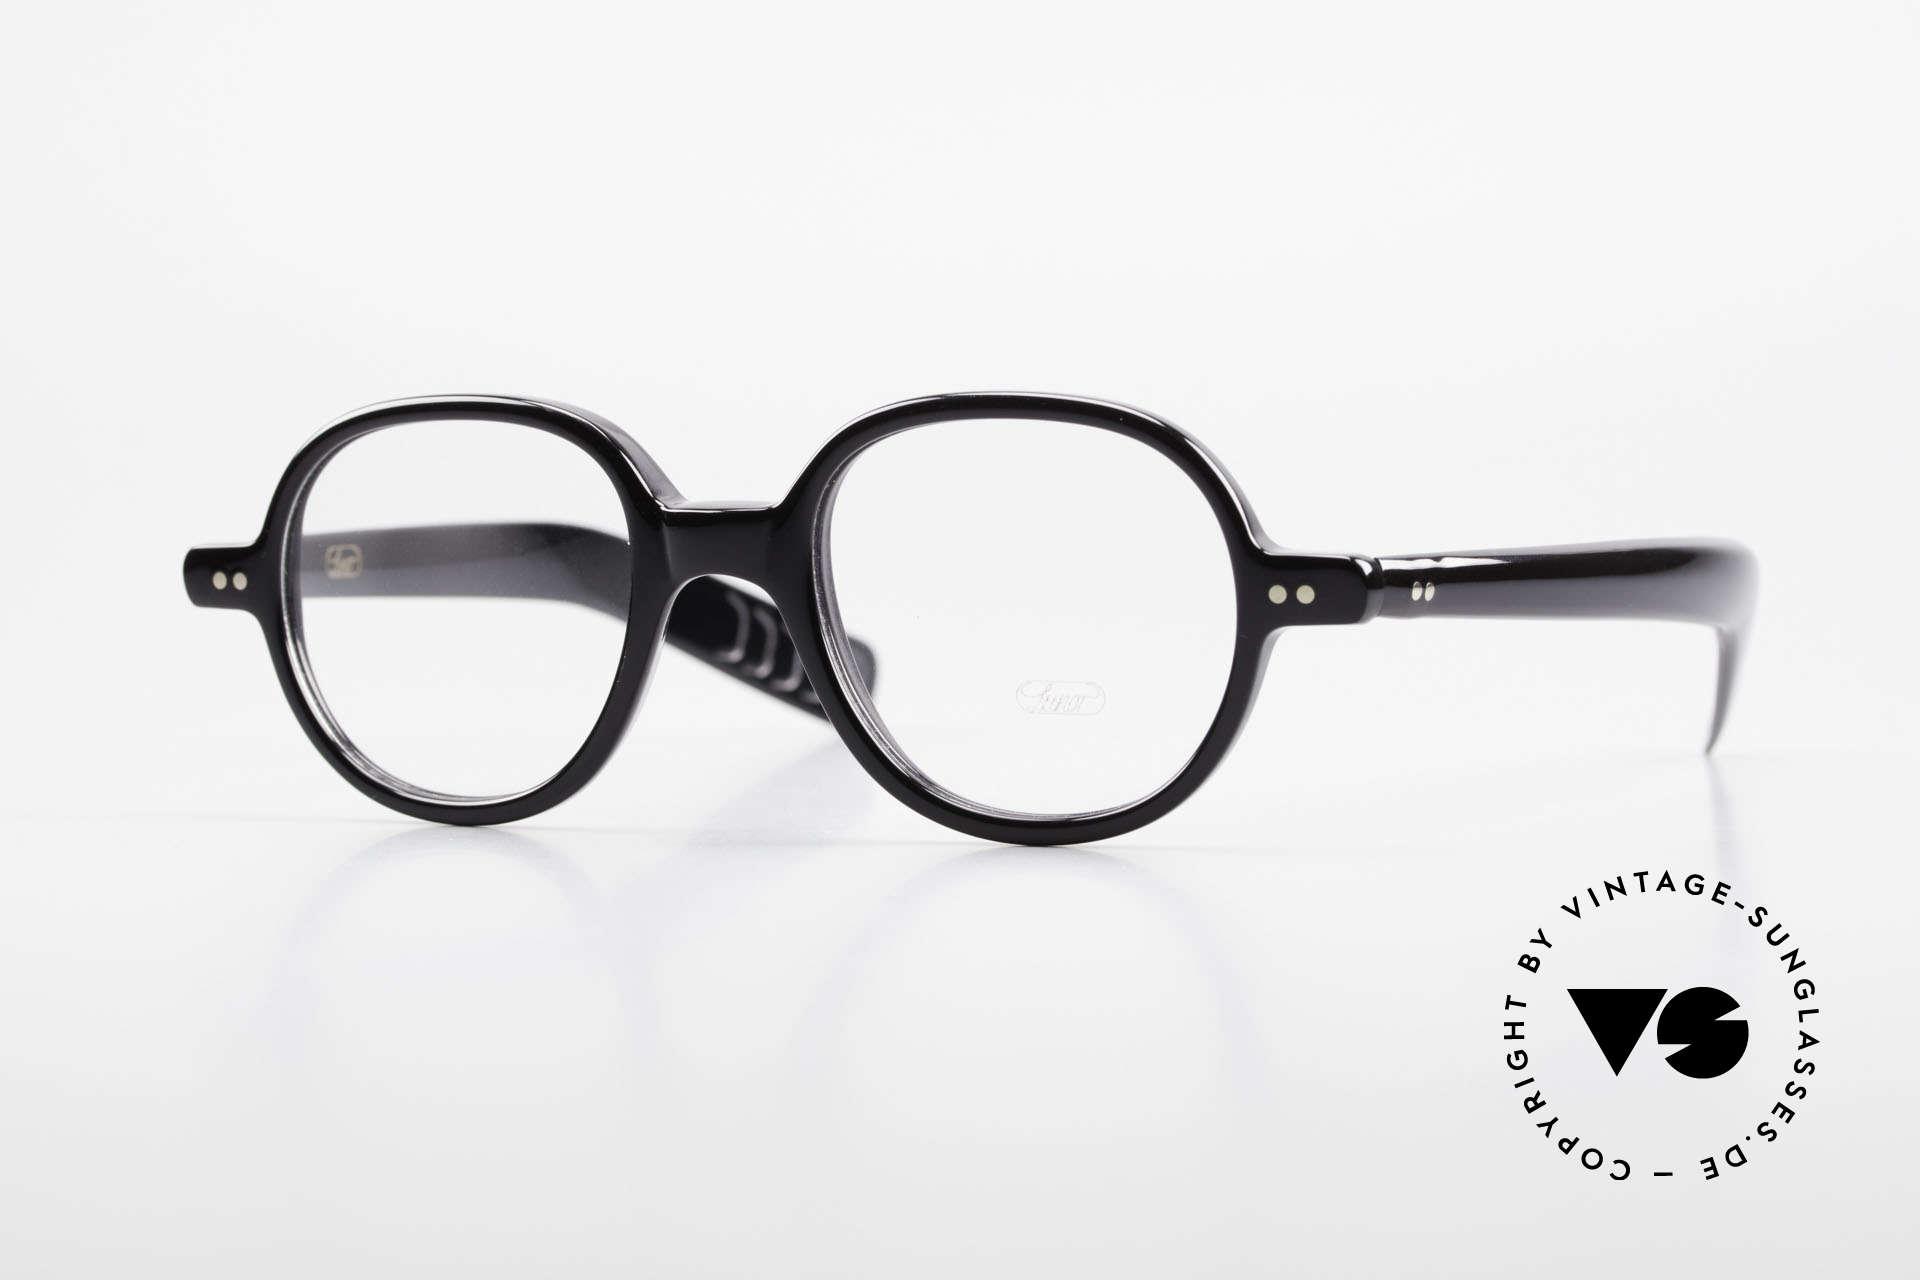 Lunor A50 Runde Lunor Acetatbrille Panto, LUNOR Brille, Modell 50 aus der Acetat-Kollektion, Passend für Herren und Damen